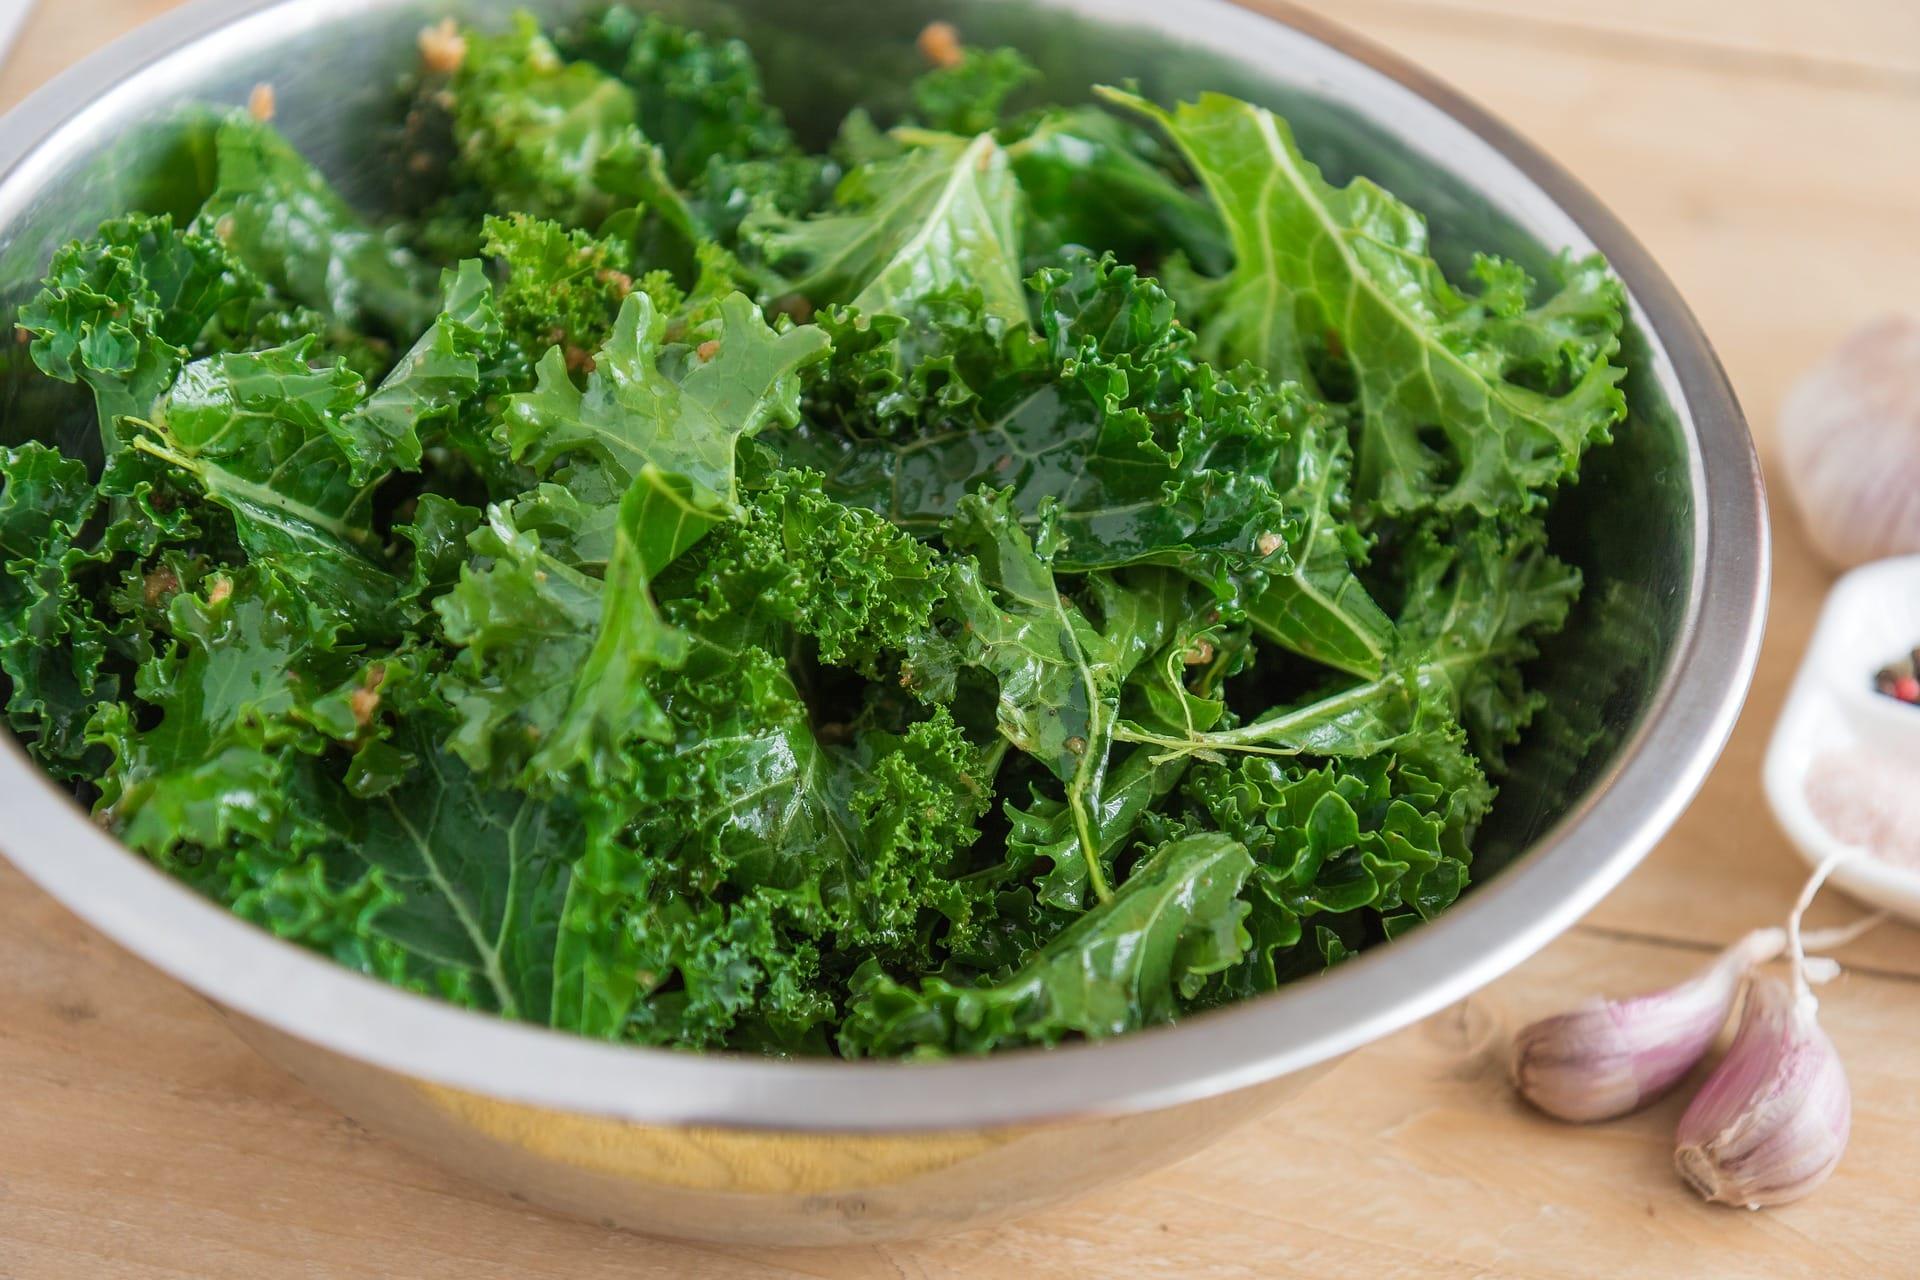 Col rizada o Kale: Descubre todos los beneficios de este superalimento